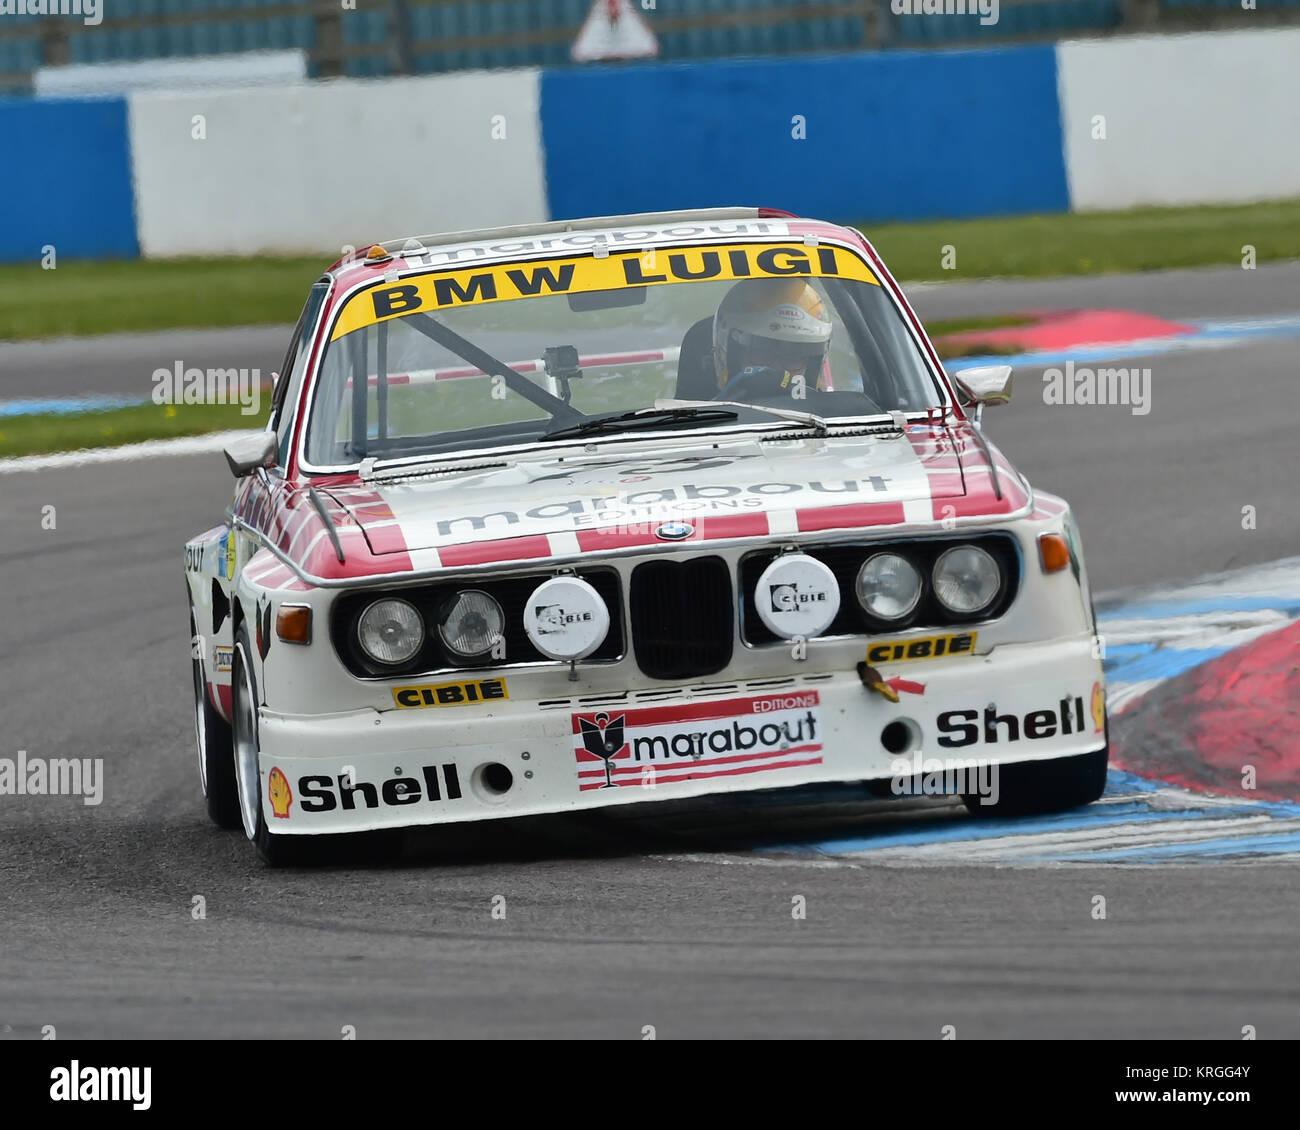 Csl Racing Car Stock Photos Amp Csl Racing Car Stock Images Alamy